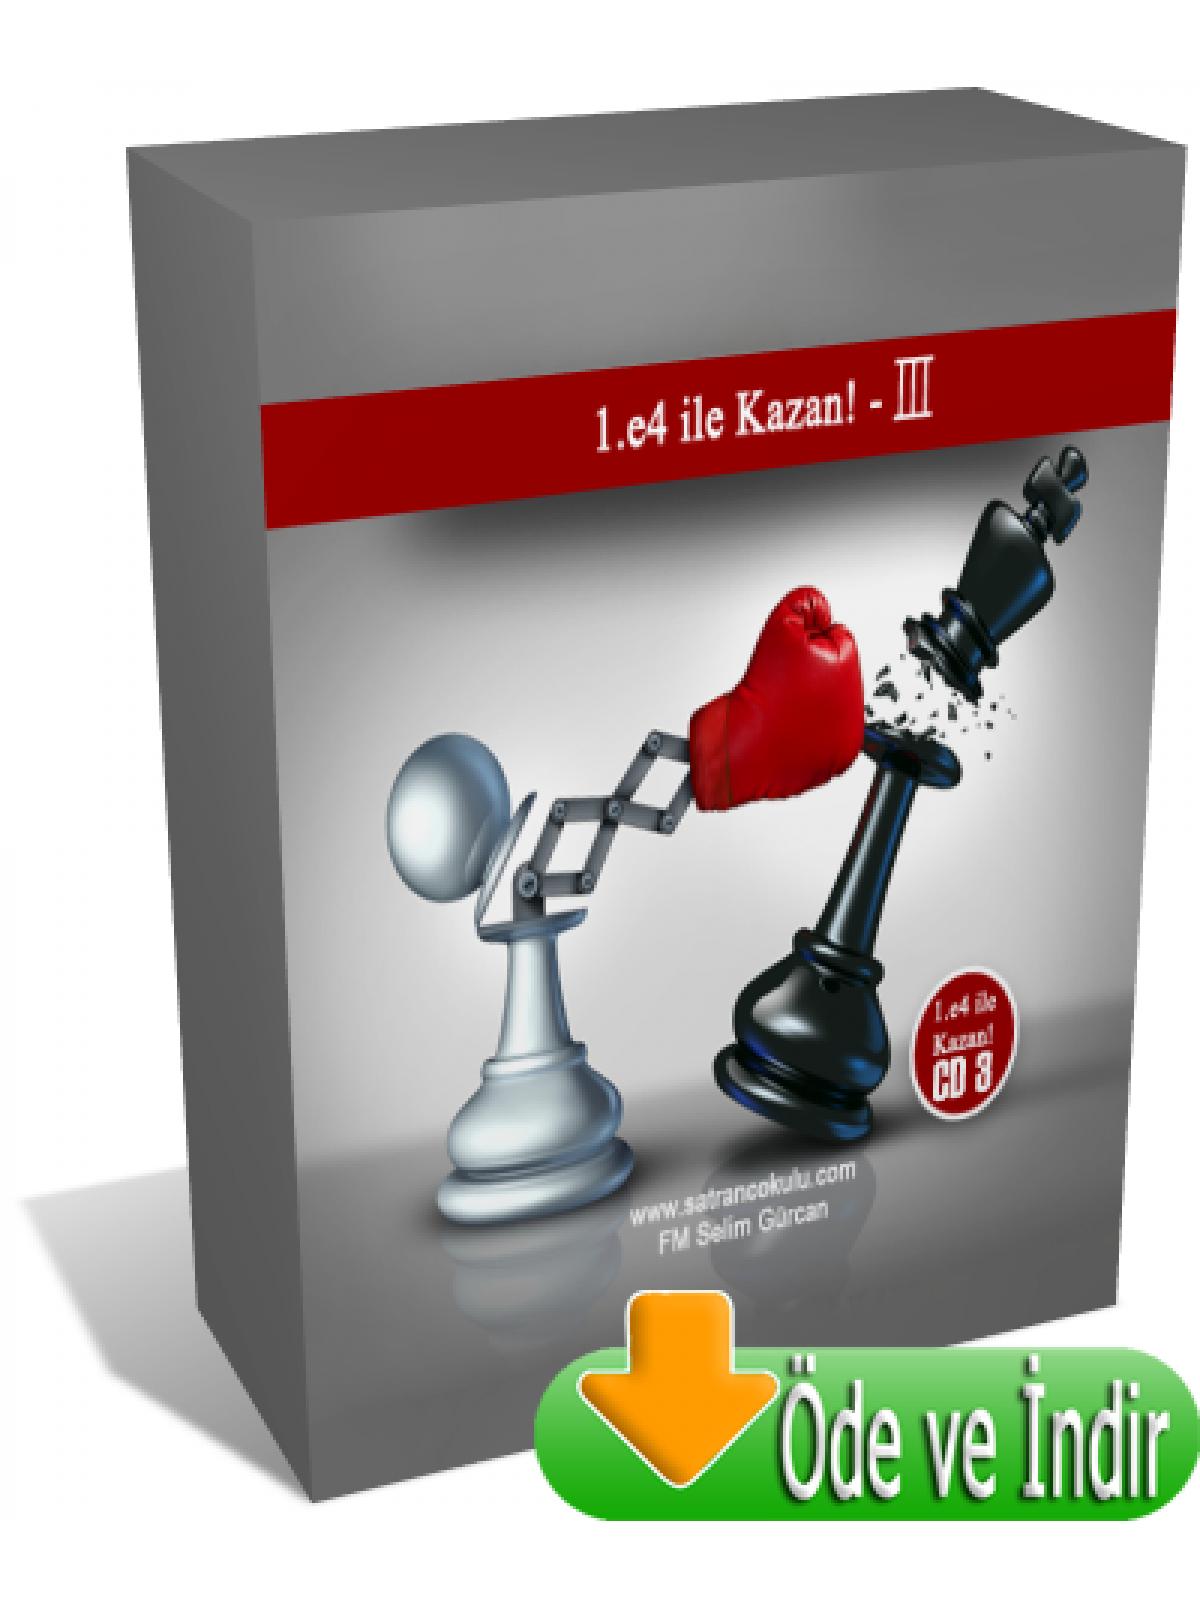 1.e4 ile Kazan! - III (Öde ve İndir)